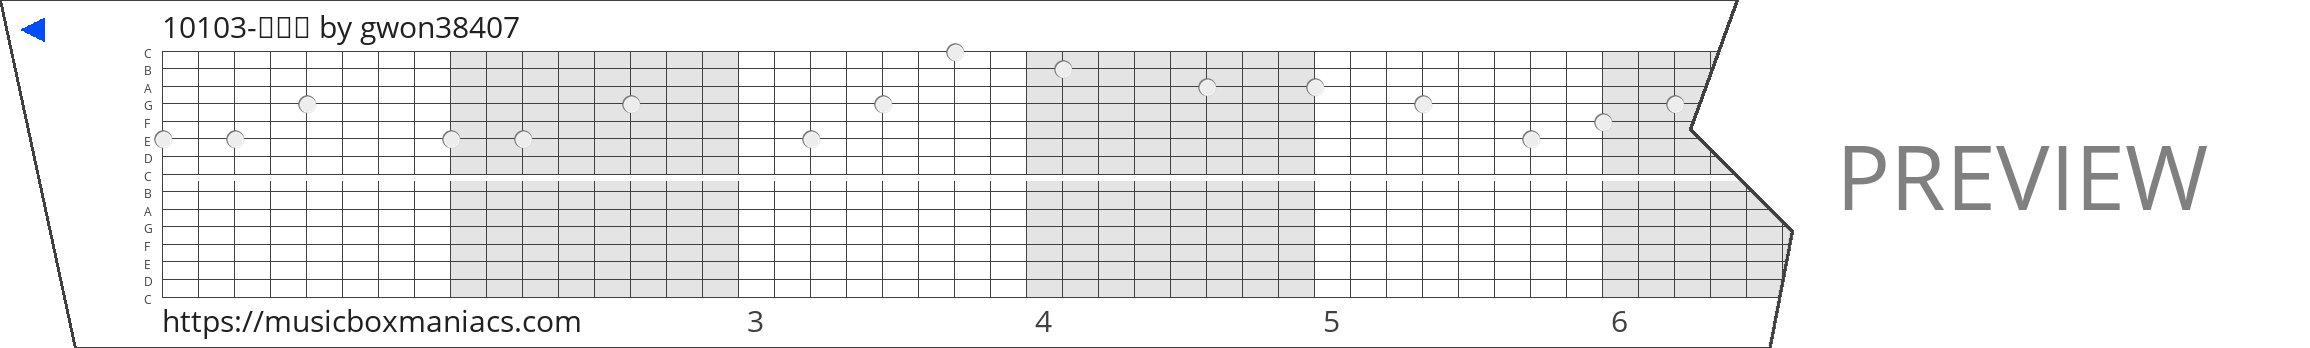 10103-김권희 15 note music box paper strip